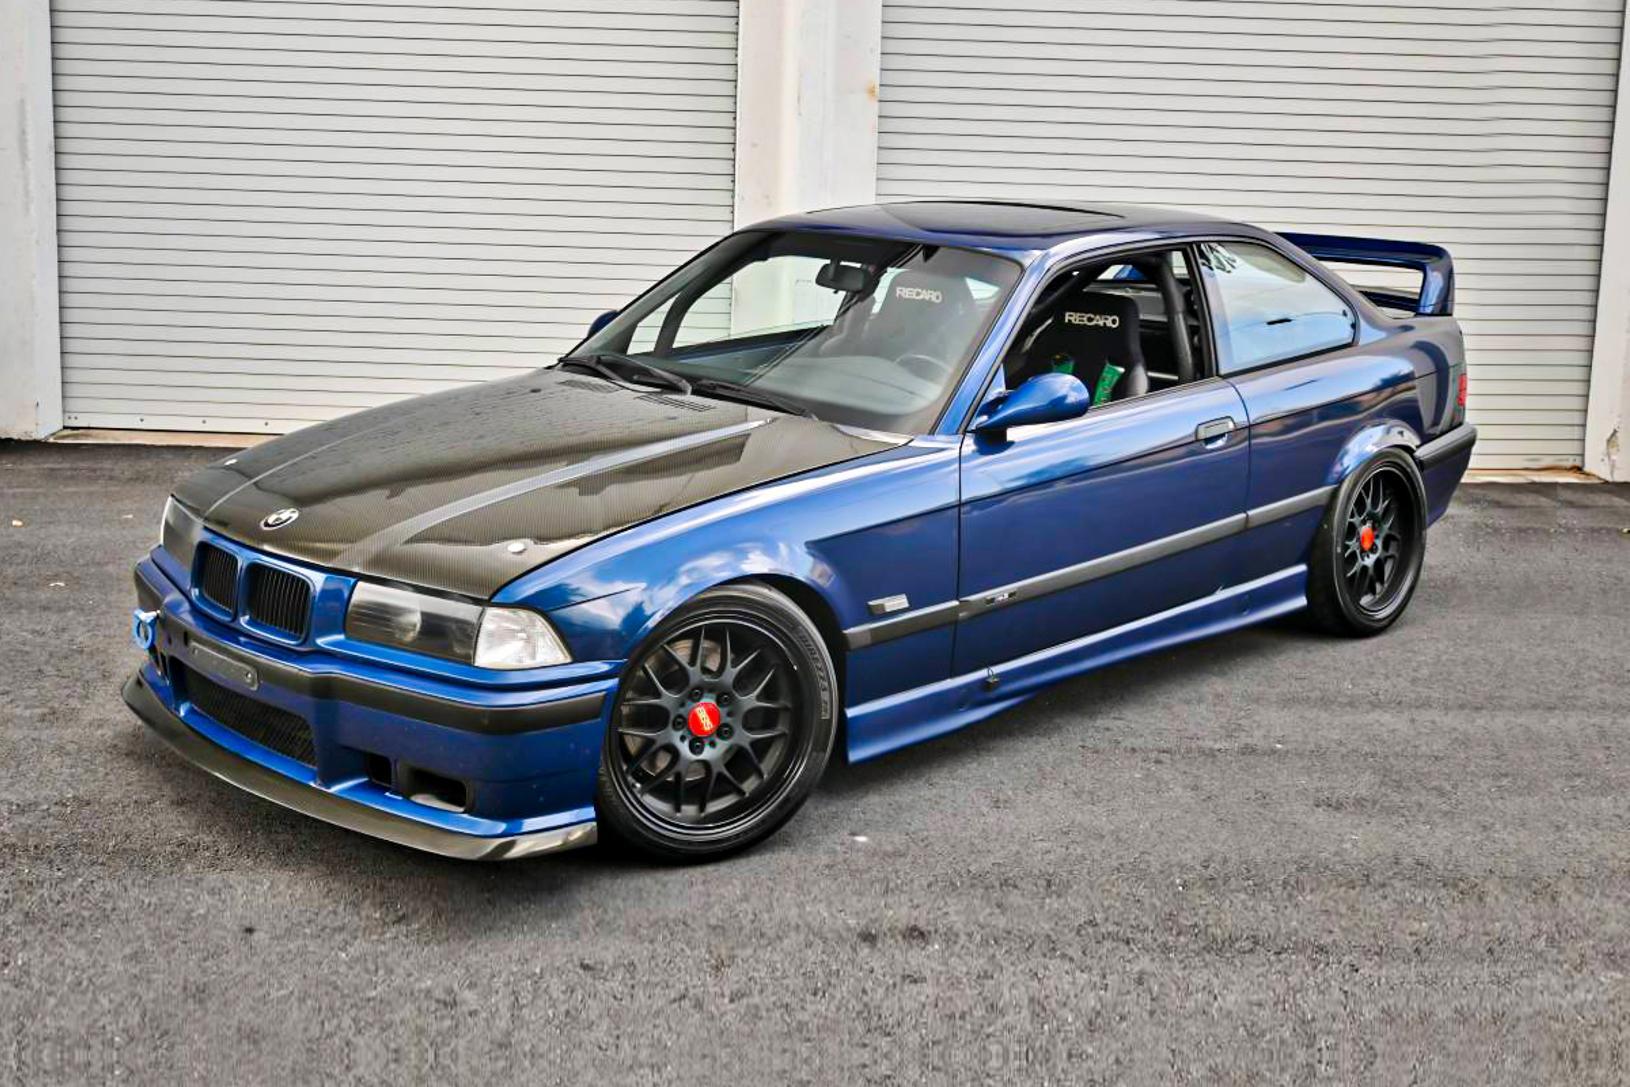 1995 BMW M3 'Track Car'